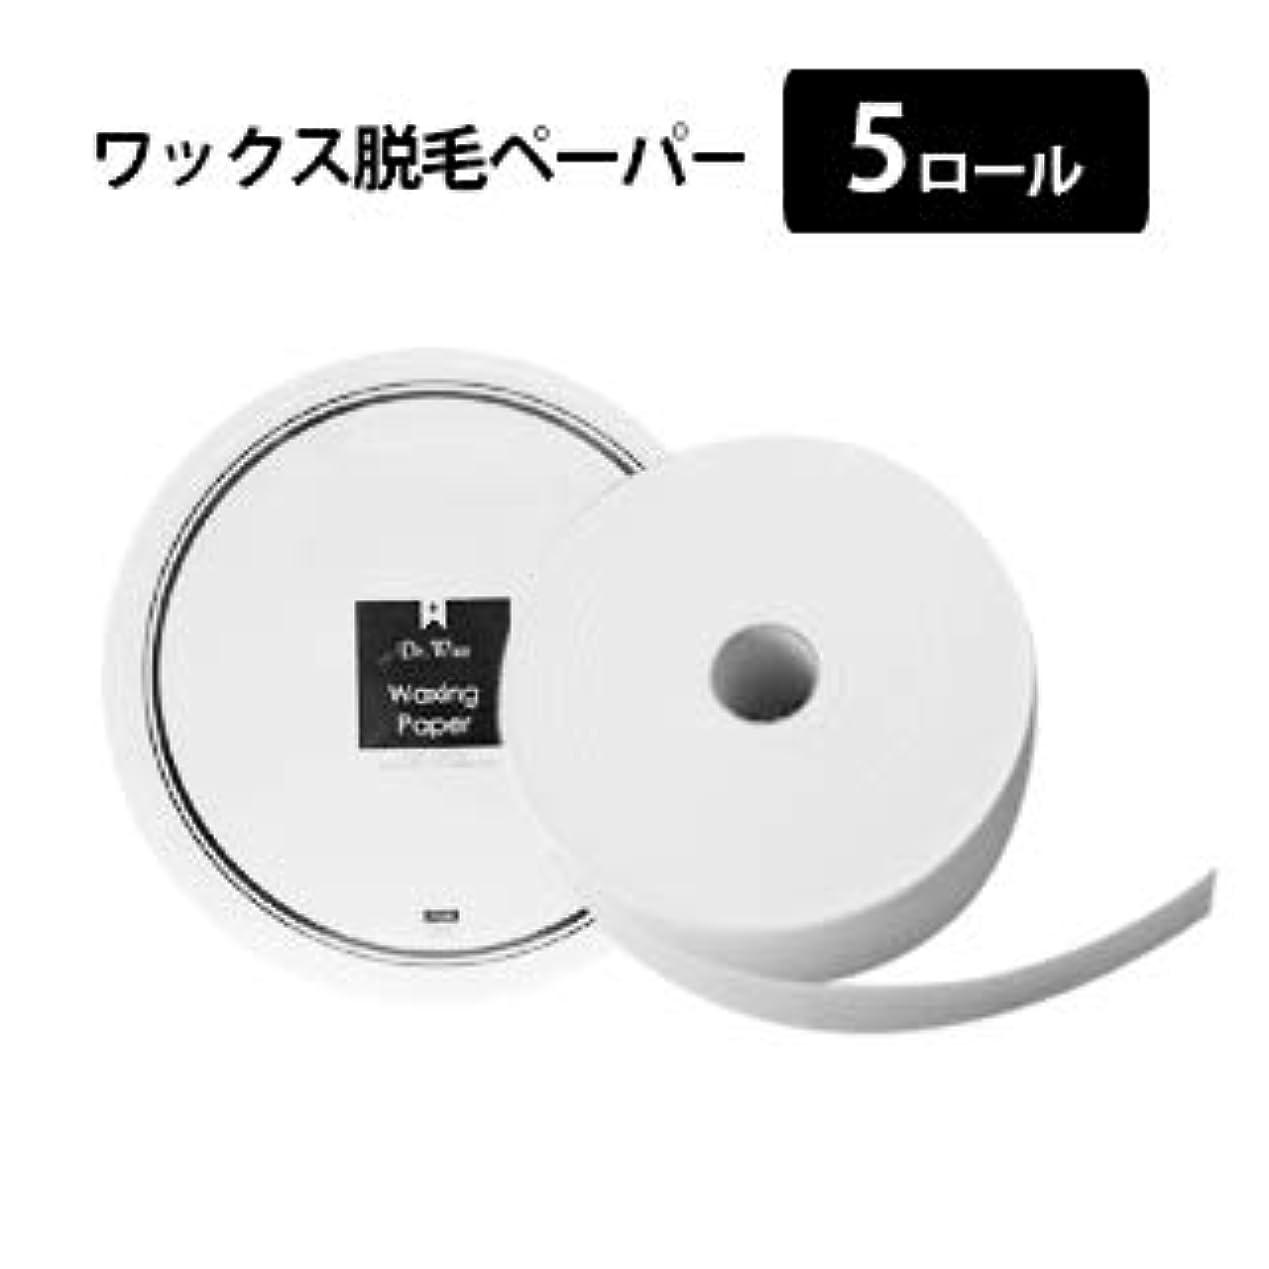 揺れる一見一目【5ロール】ワックスロールペーパー 7cm スパンレース素材